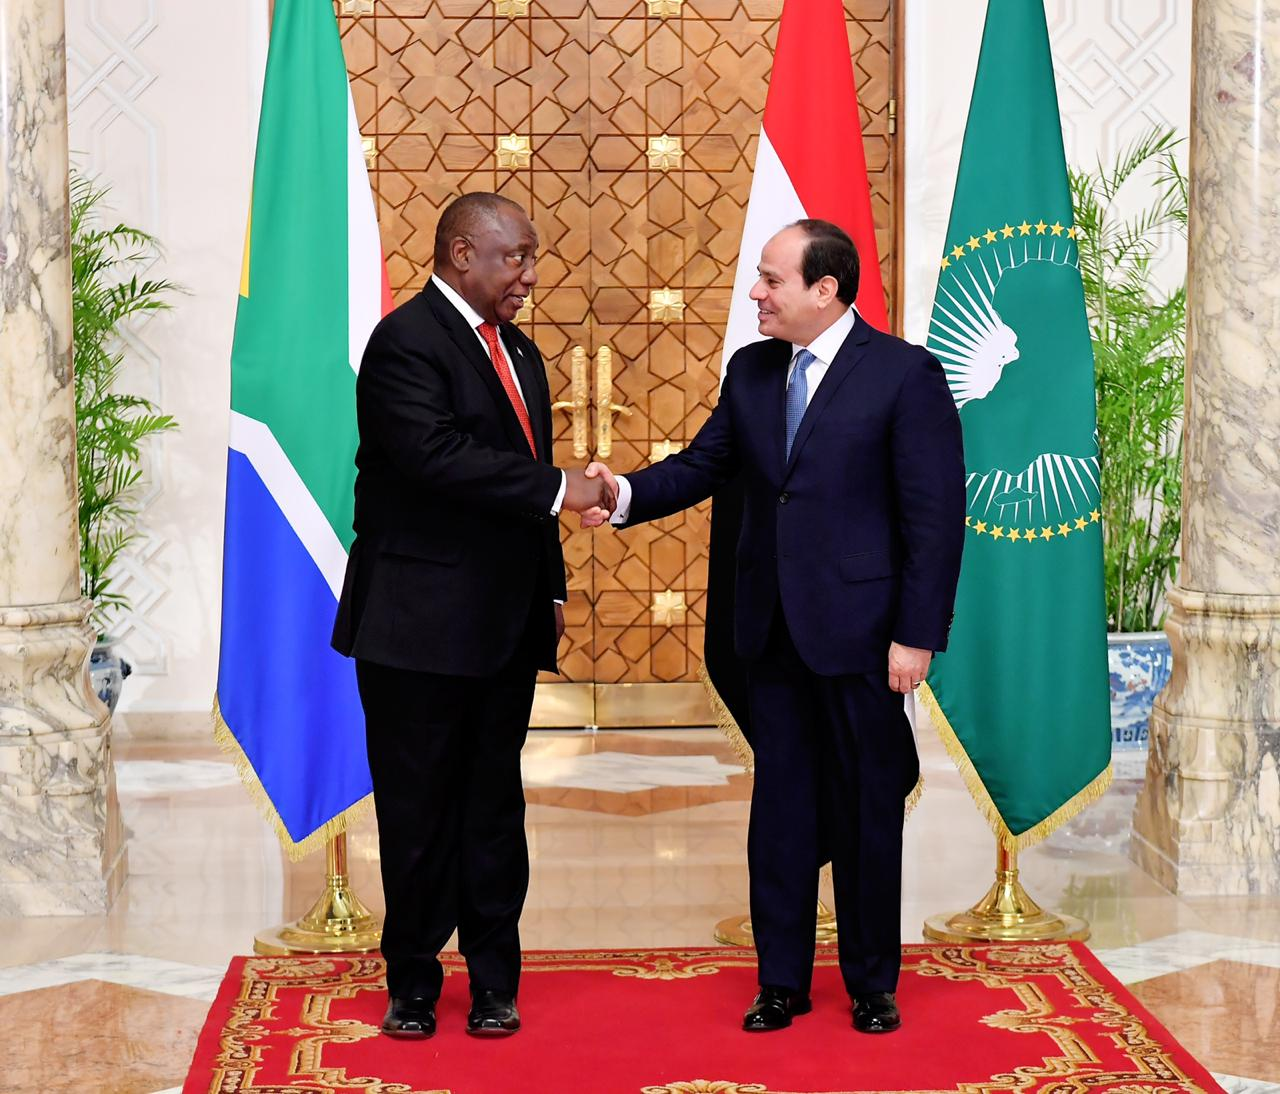 الرئيس السيسي لنظيره الجنوب أفريقي سير يل رامافوزا  استقبال رئيس جنوب أفريقيا7